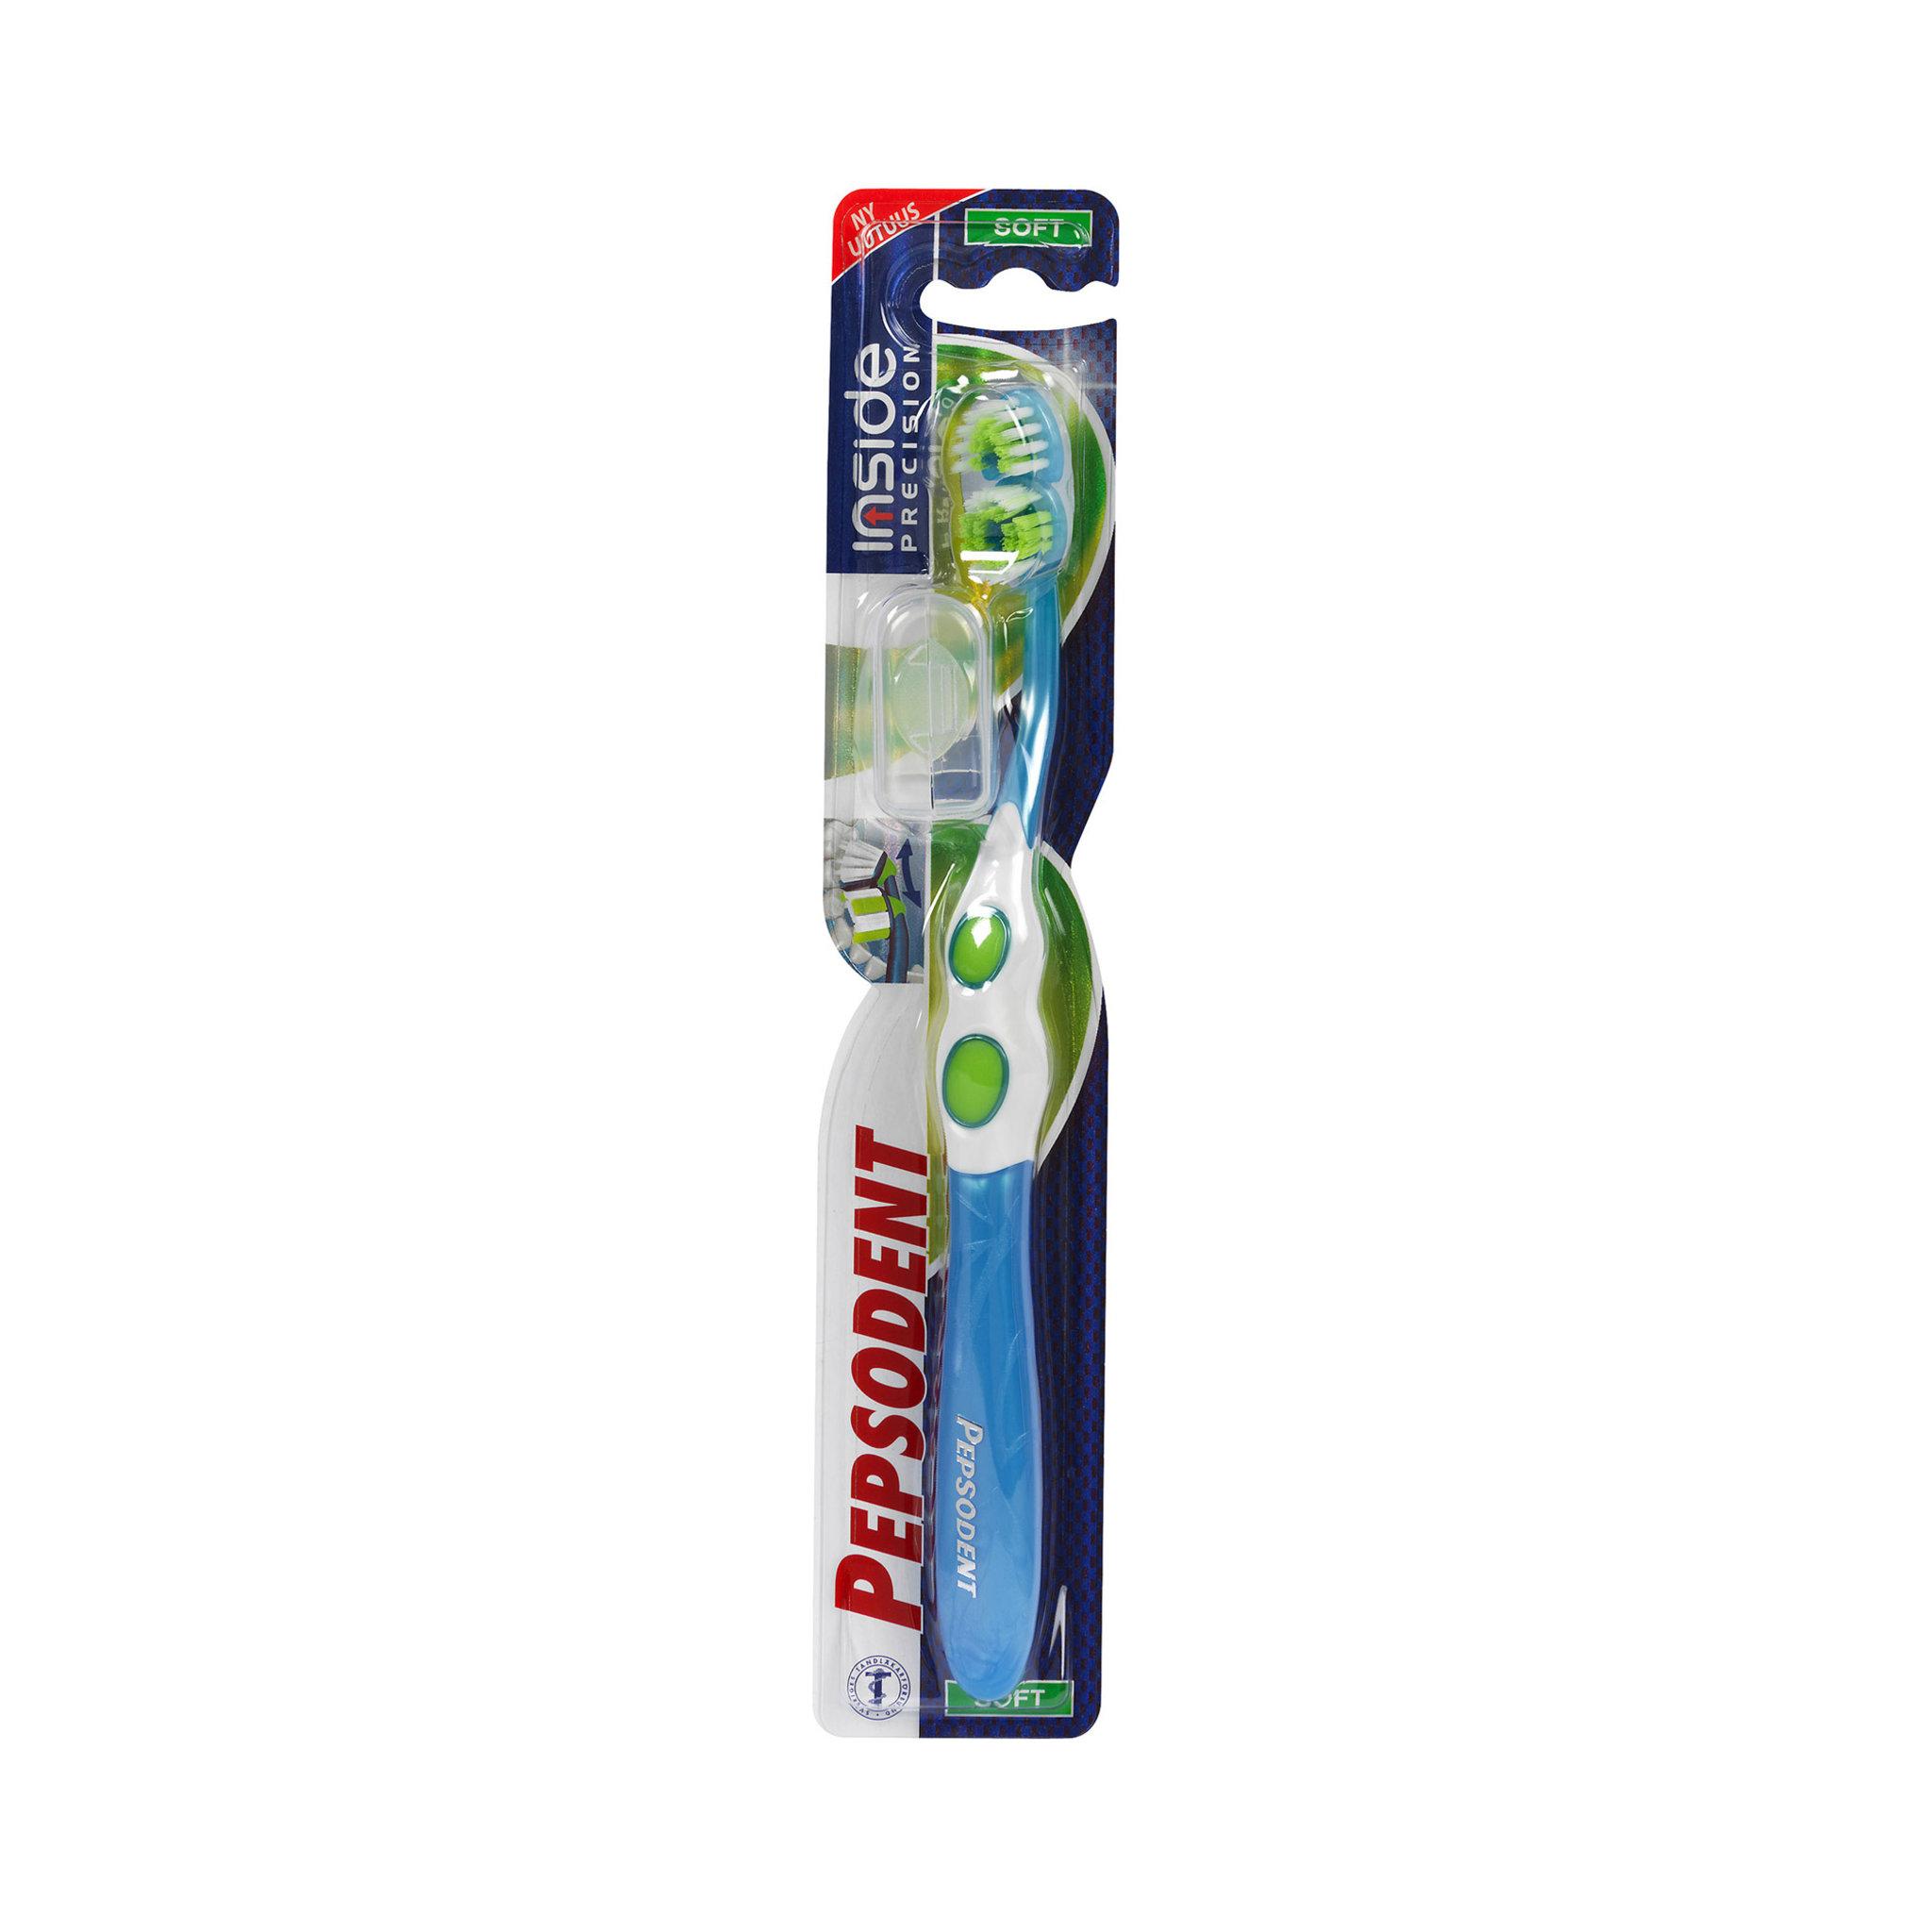 Tandborste Inside Precision Soft - Munhygien - Köp online på åhlens.se! f3222beda535f